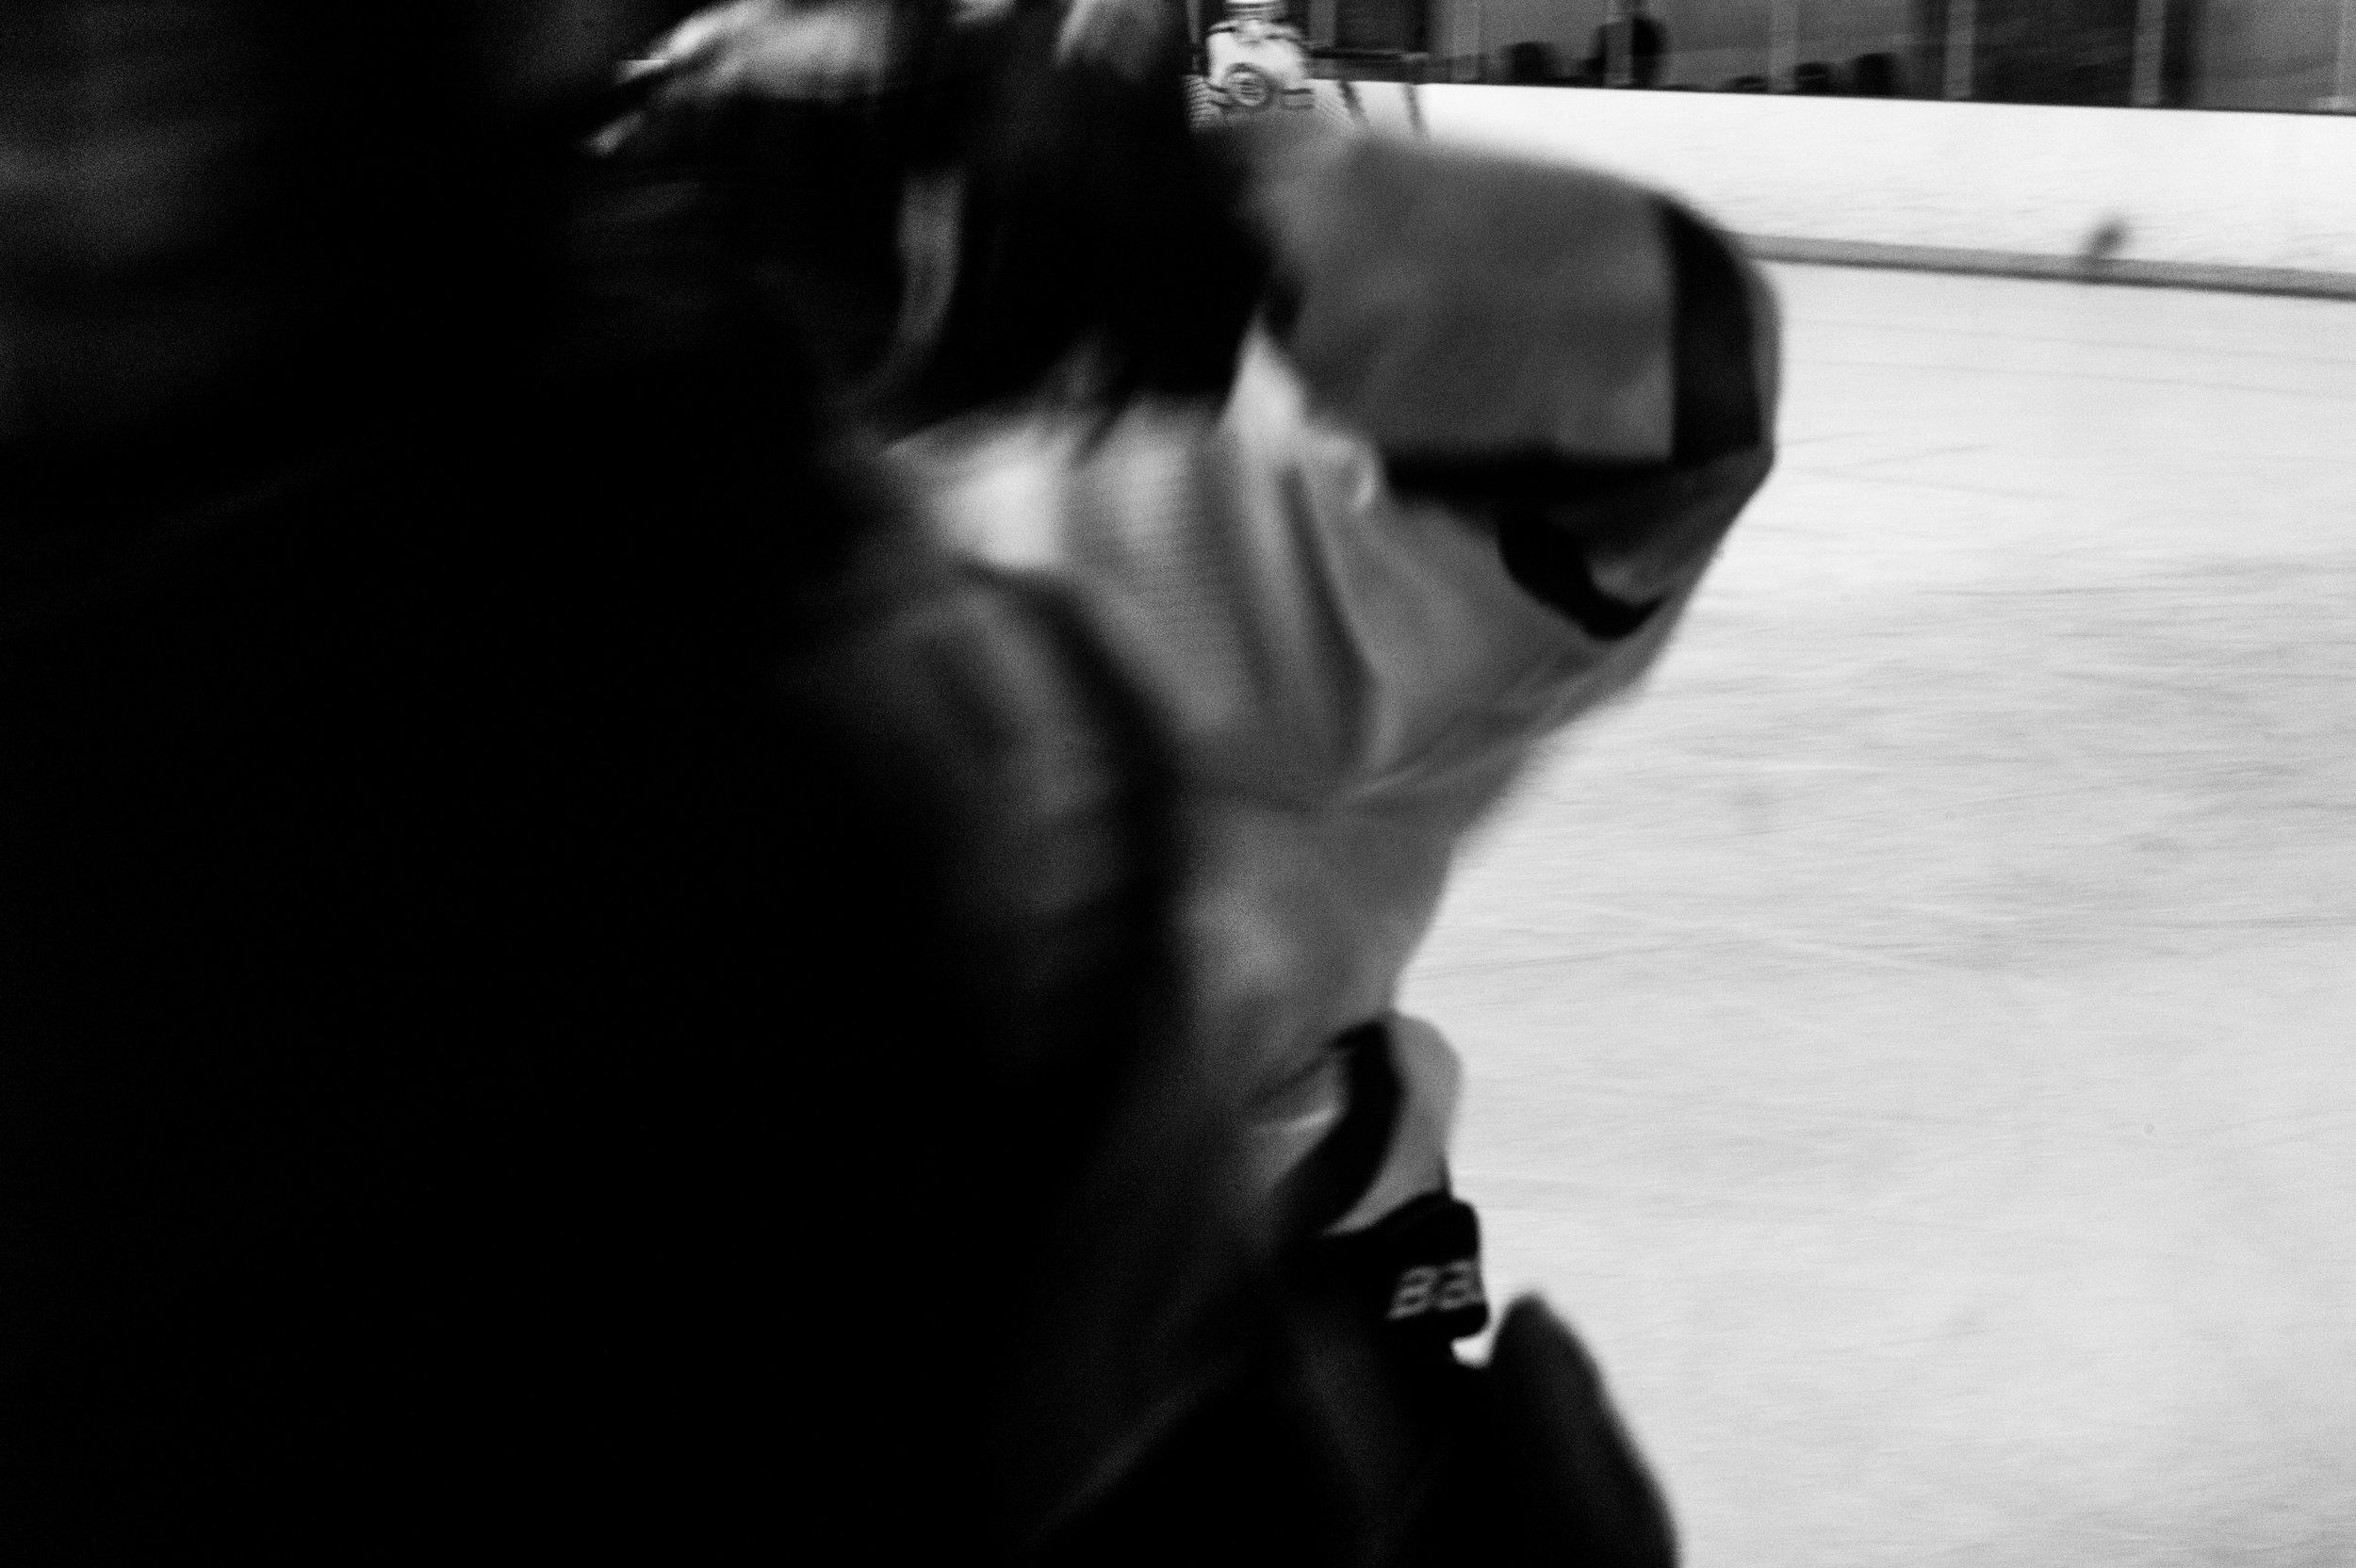 ice_hockey-052.jpg